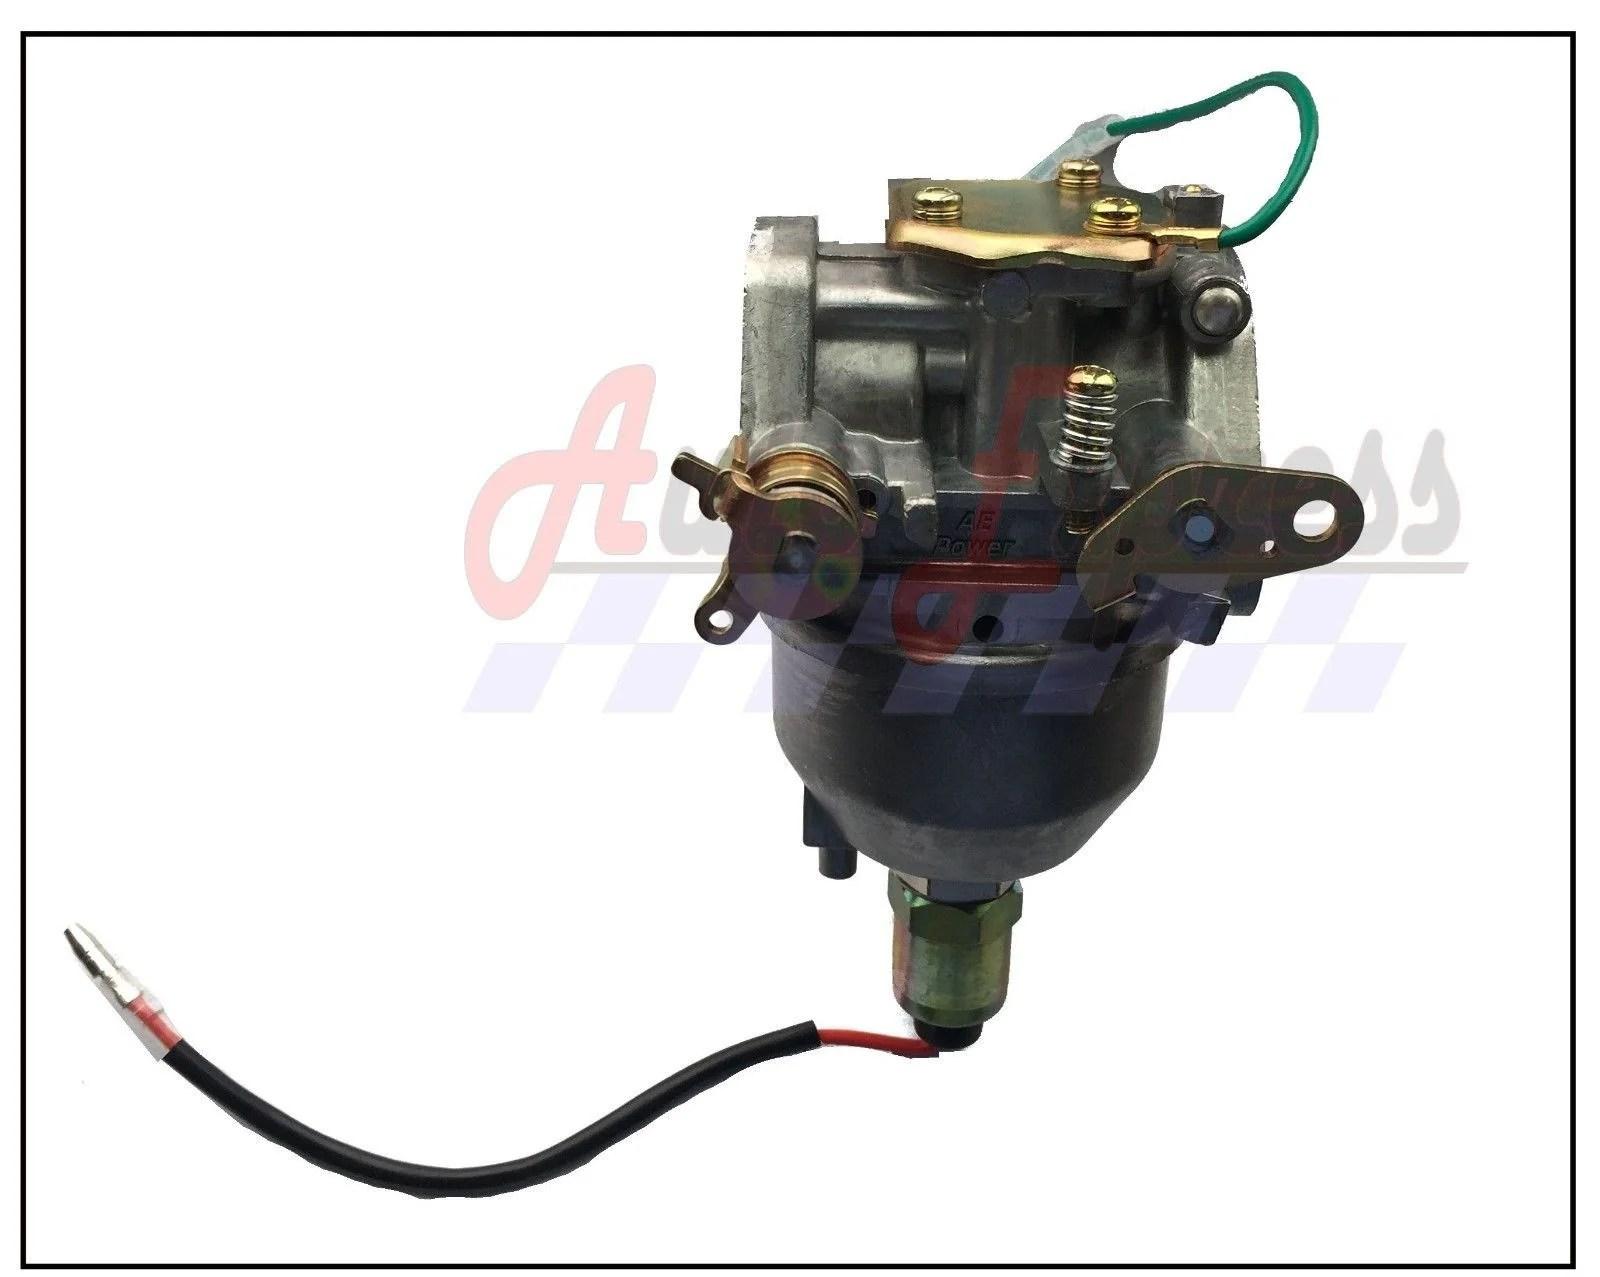 carburetor fits kohler cv740 cv745 engine carb oil fuel filter  [ 1600 x 1277 Pixel ]